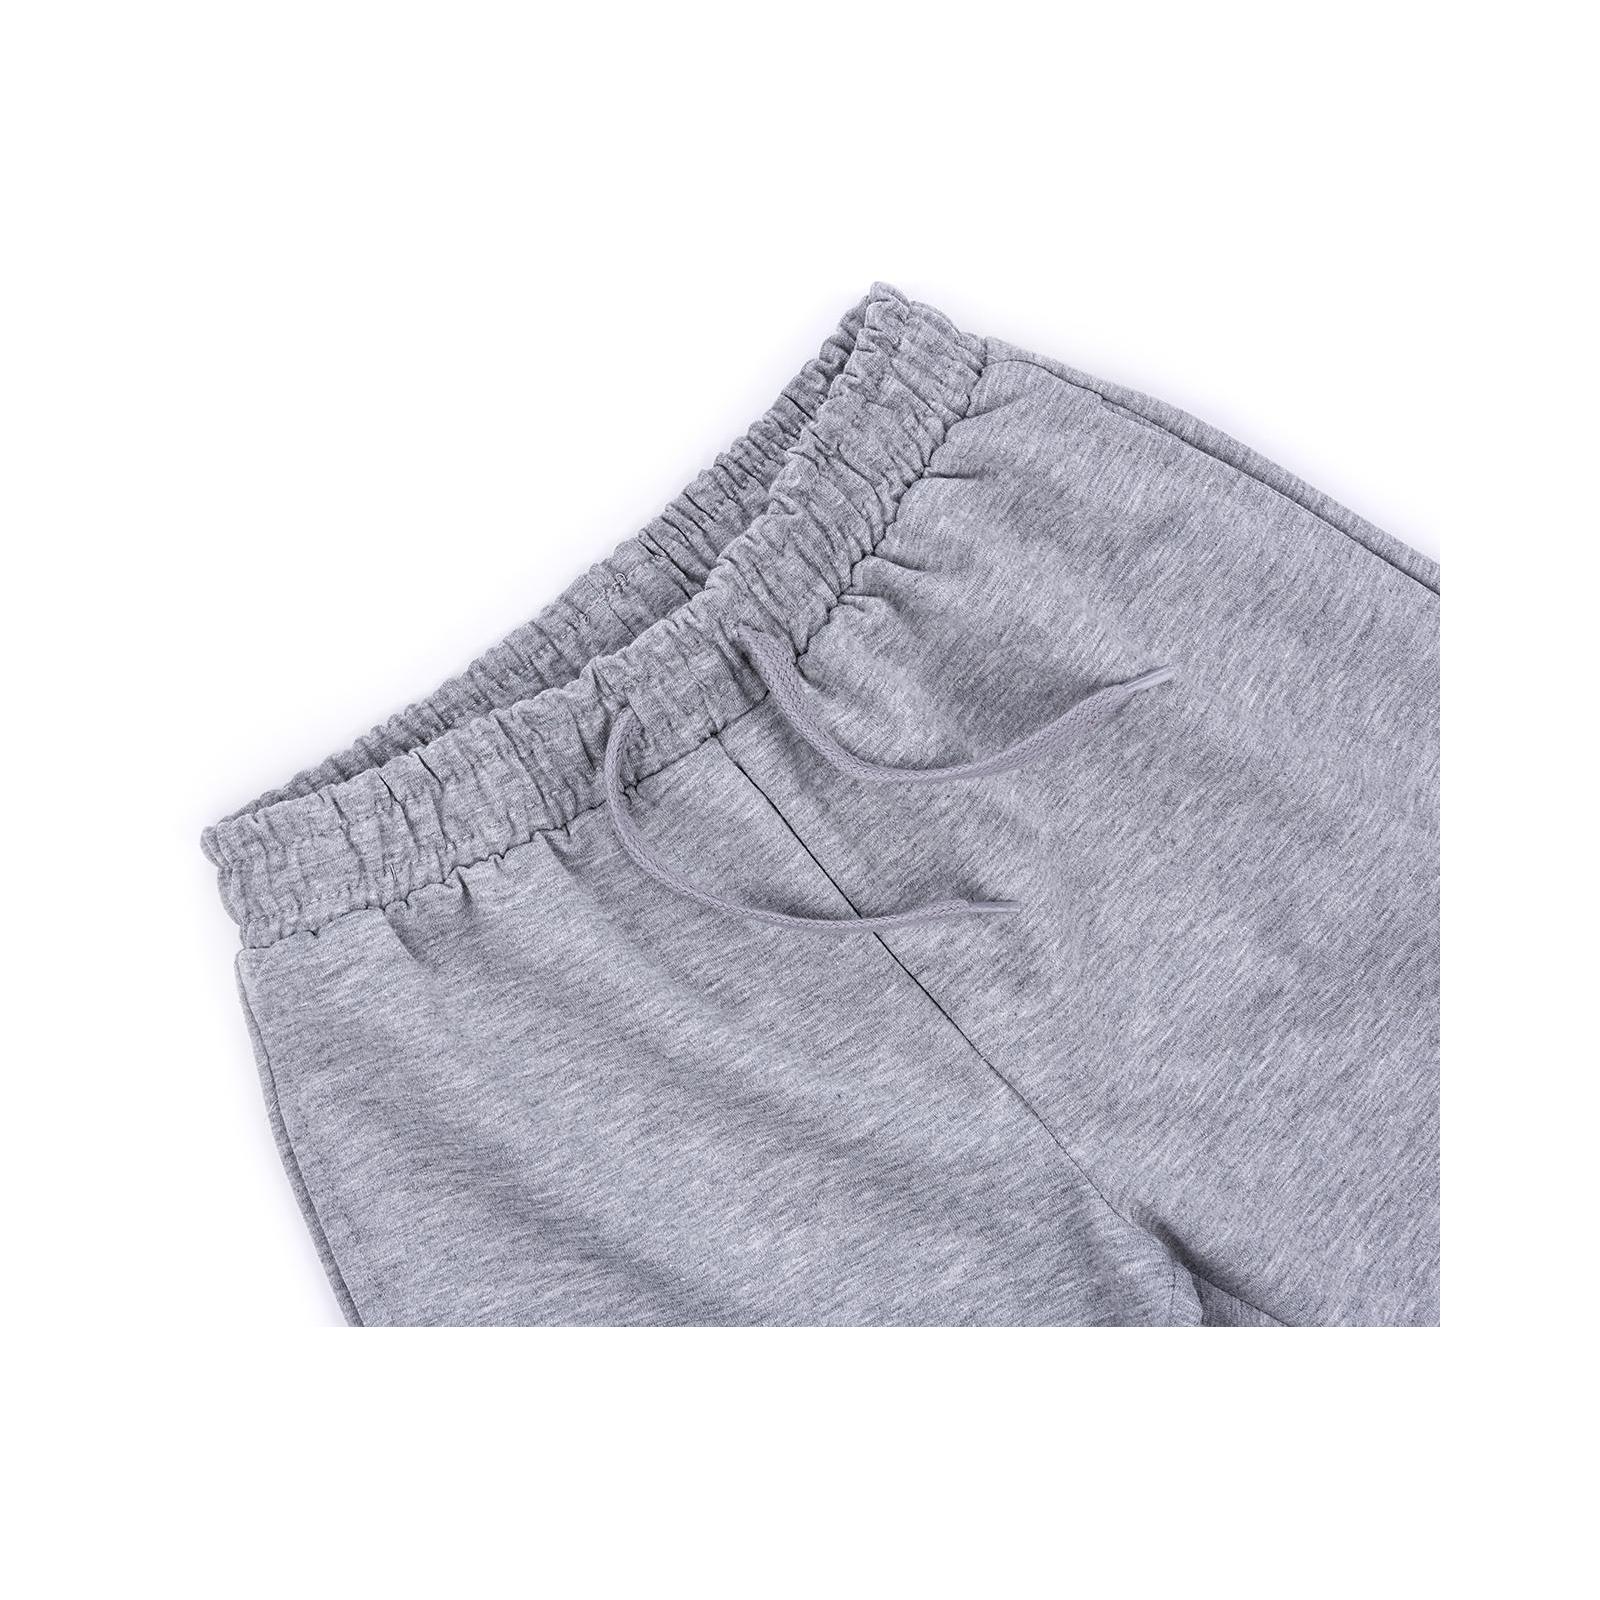 Шорты Breeze трикотажные с карманами (10755-128B-gray) изображение 3